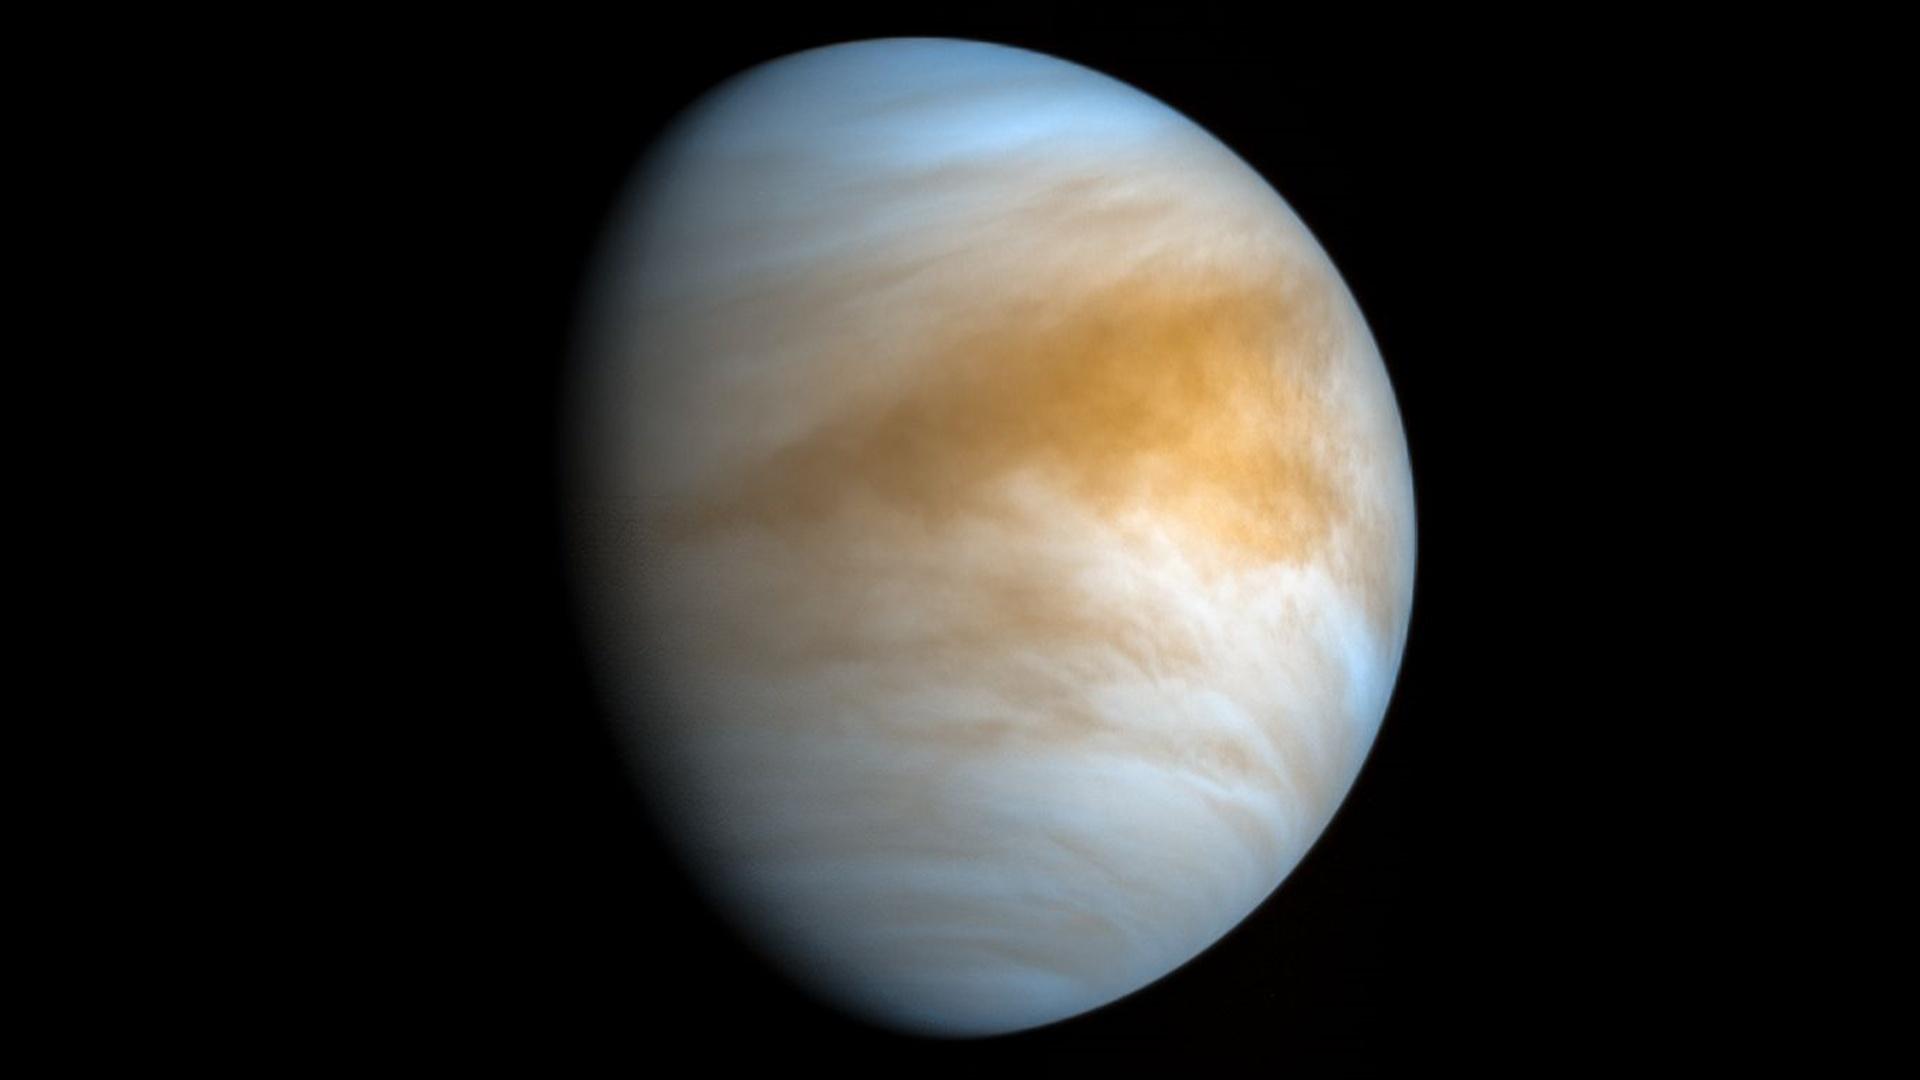 Alimlər Veneranın atmosferində qlisin kəşf edib